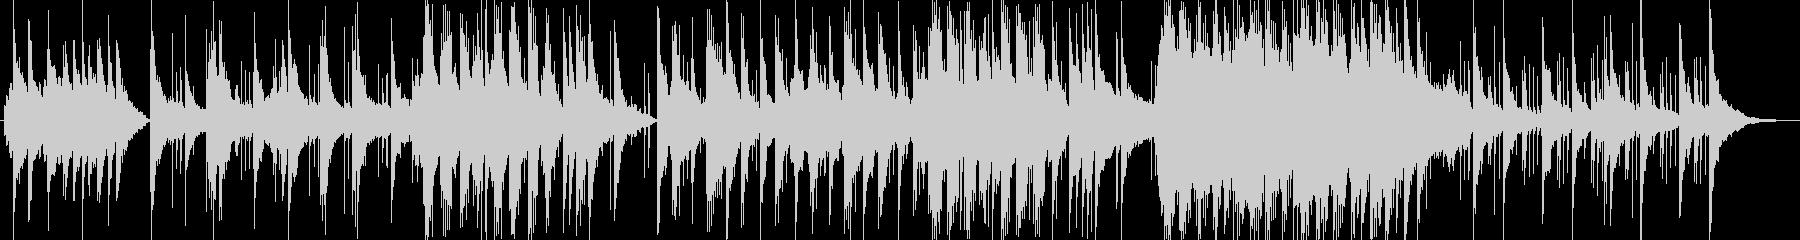 美しく透明感のあるシンセサイザーサウンドの未再生の波形